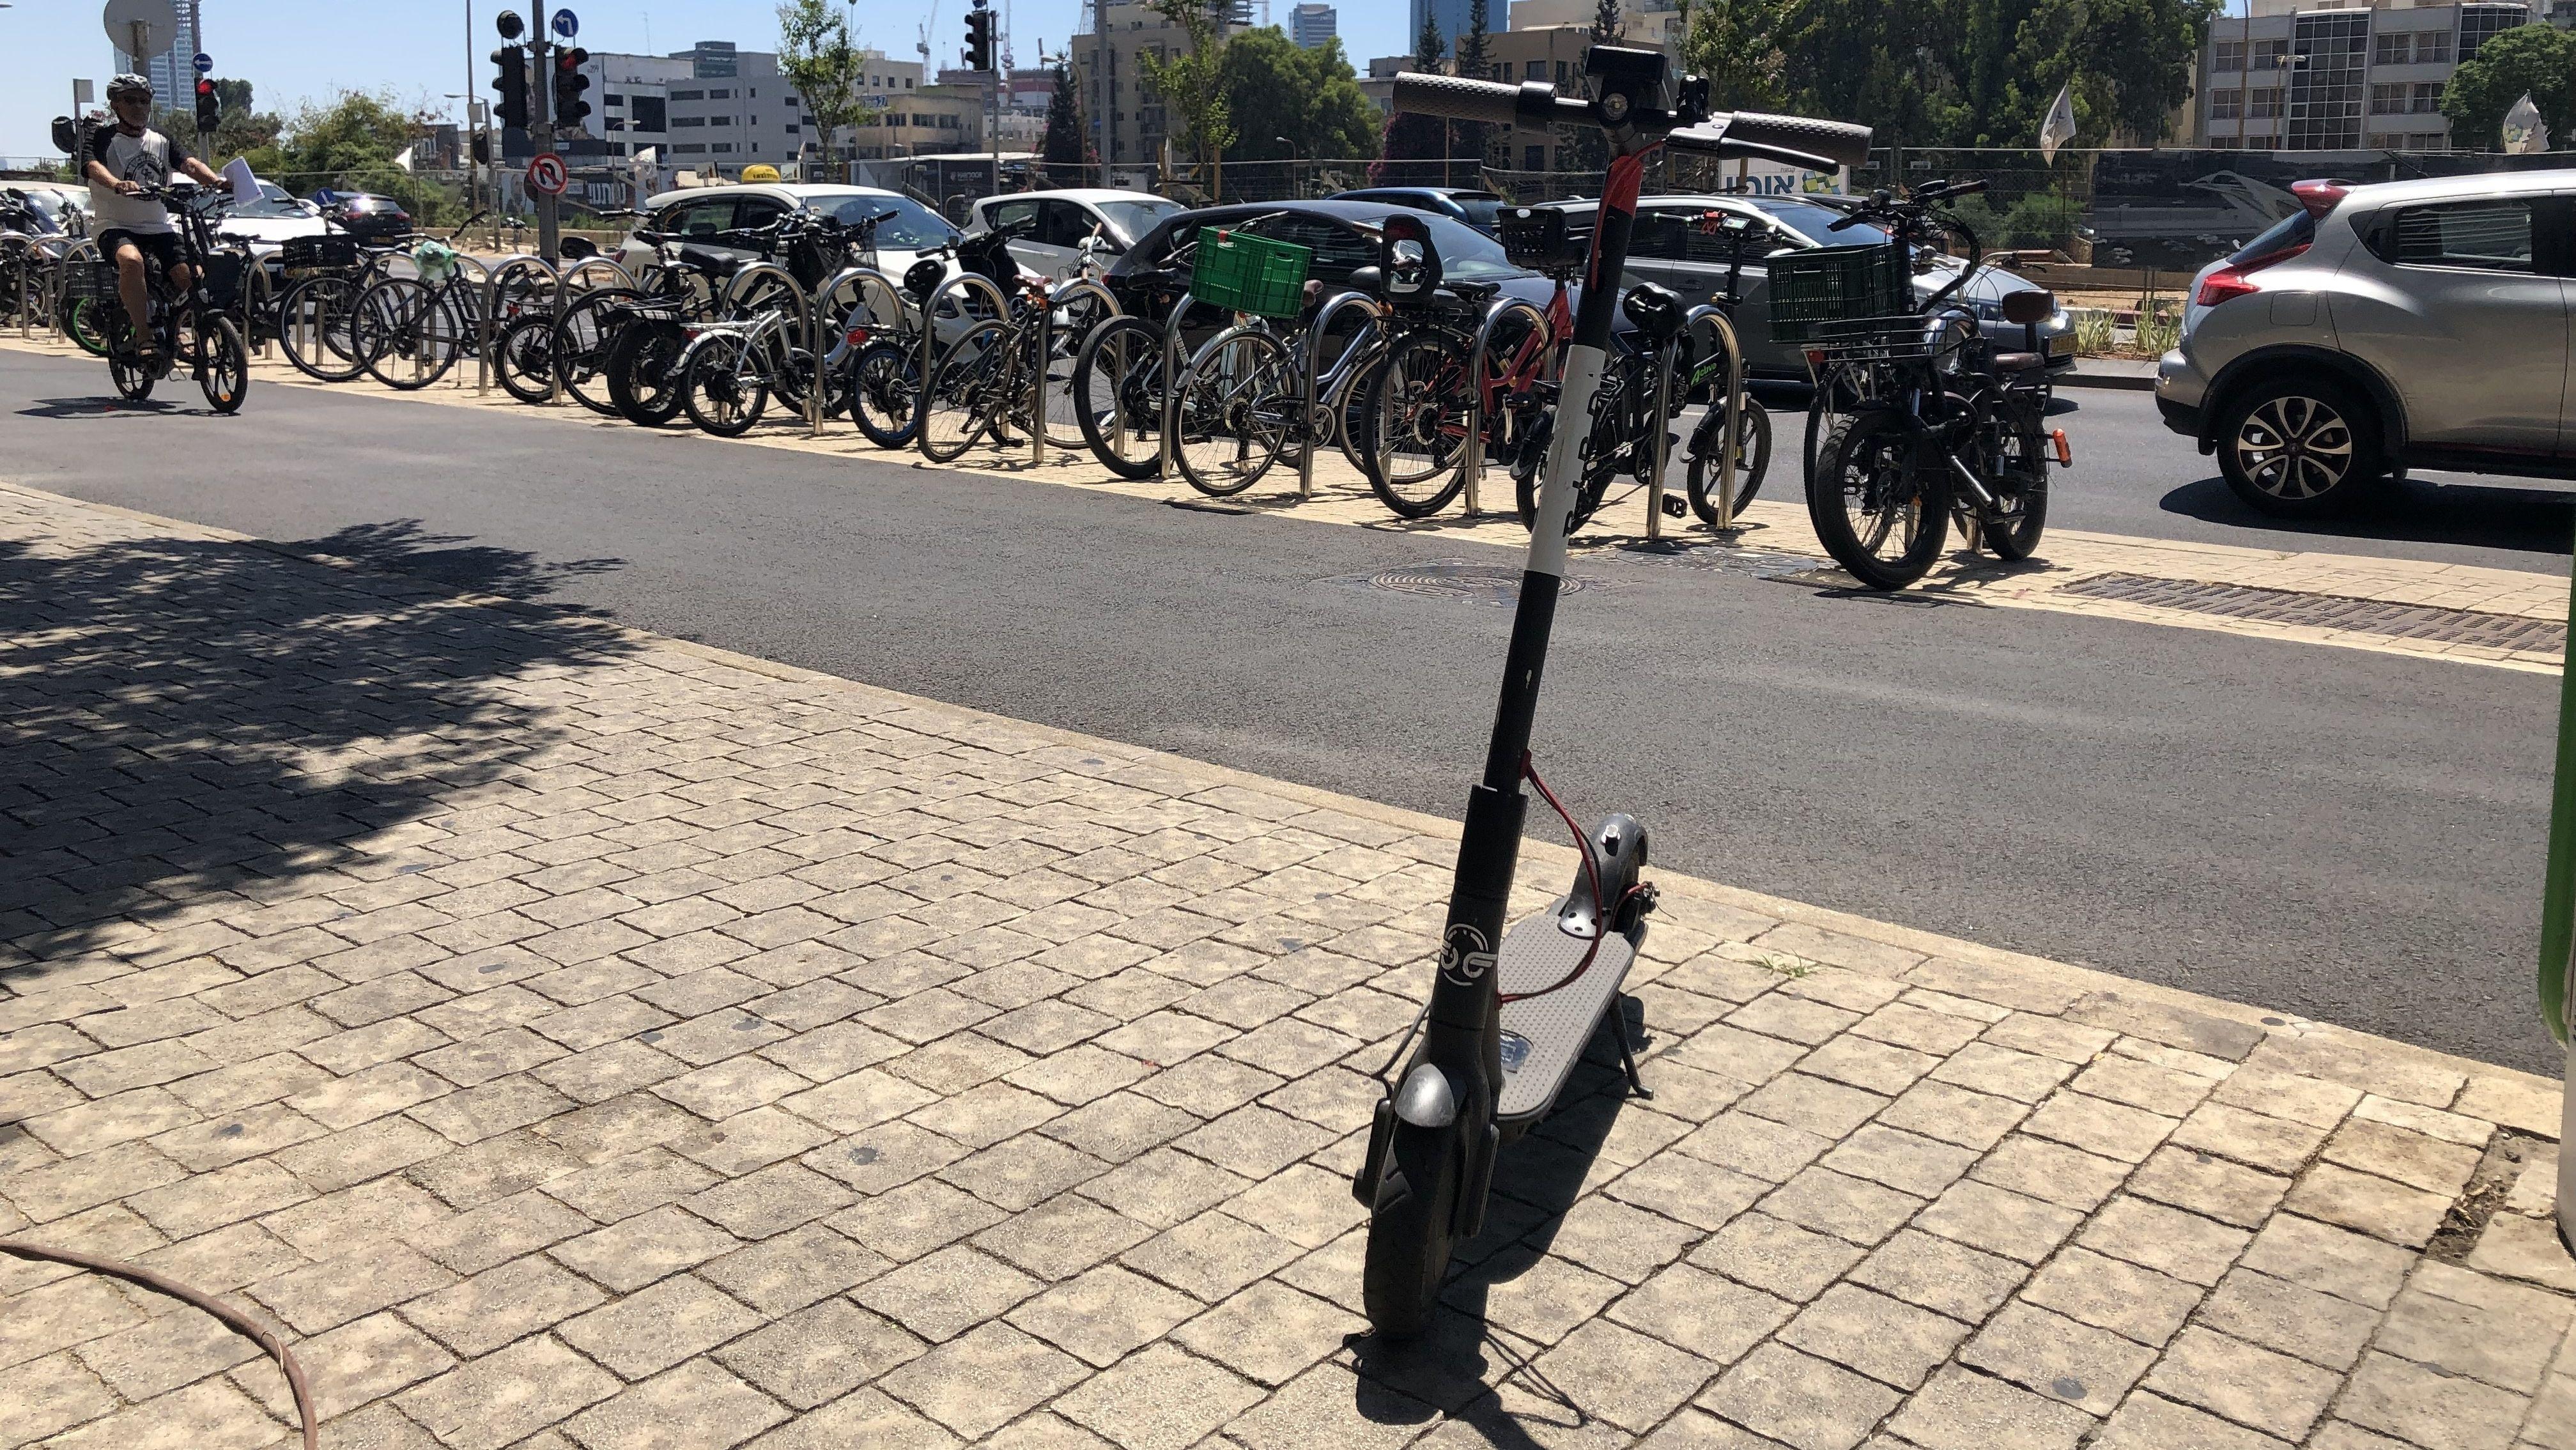 Überall in Tel Aviv sieht man gedankenlos geparkte E-Scooter, die Bürgersteige, Hauseingänge, Verkehrsinseln oder Bushaltestellen blockieren.